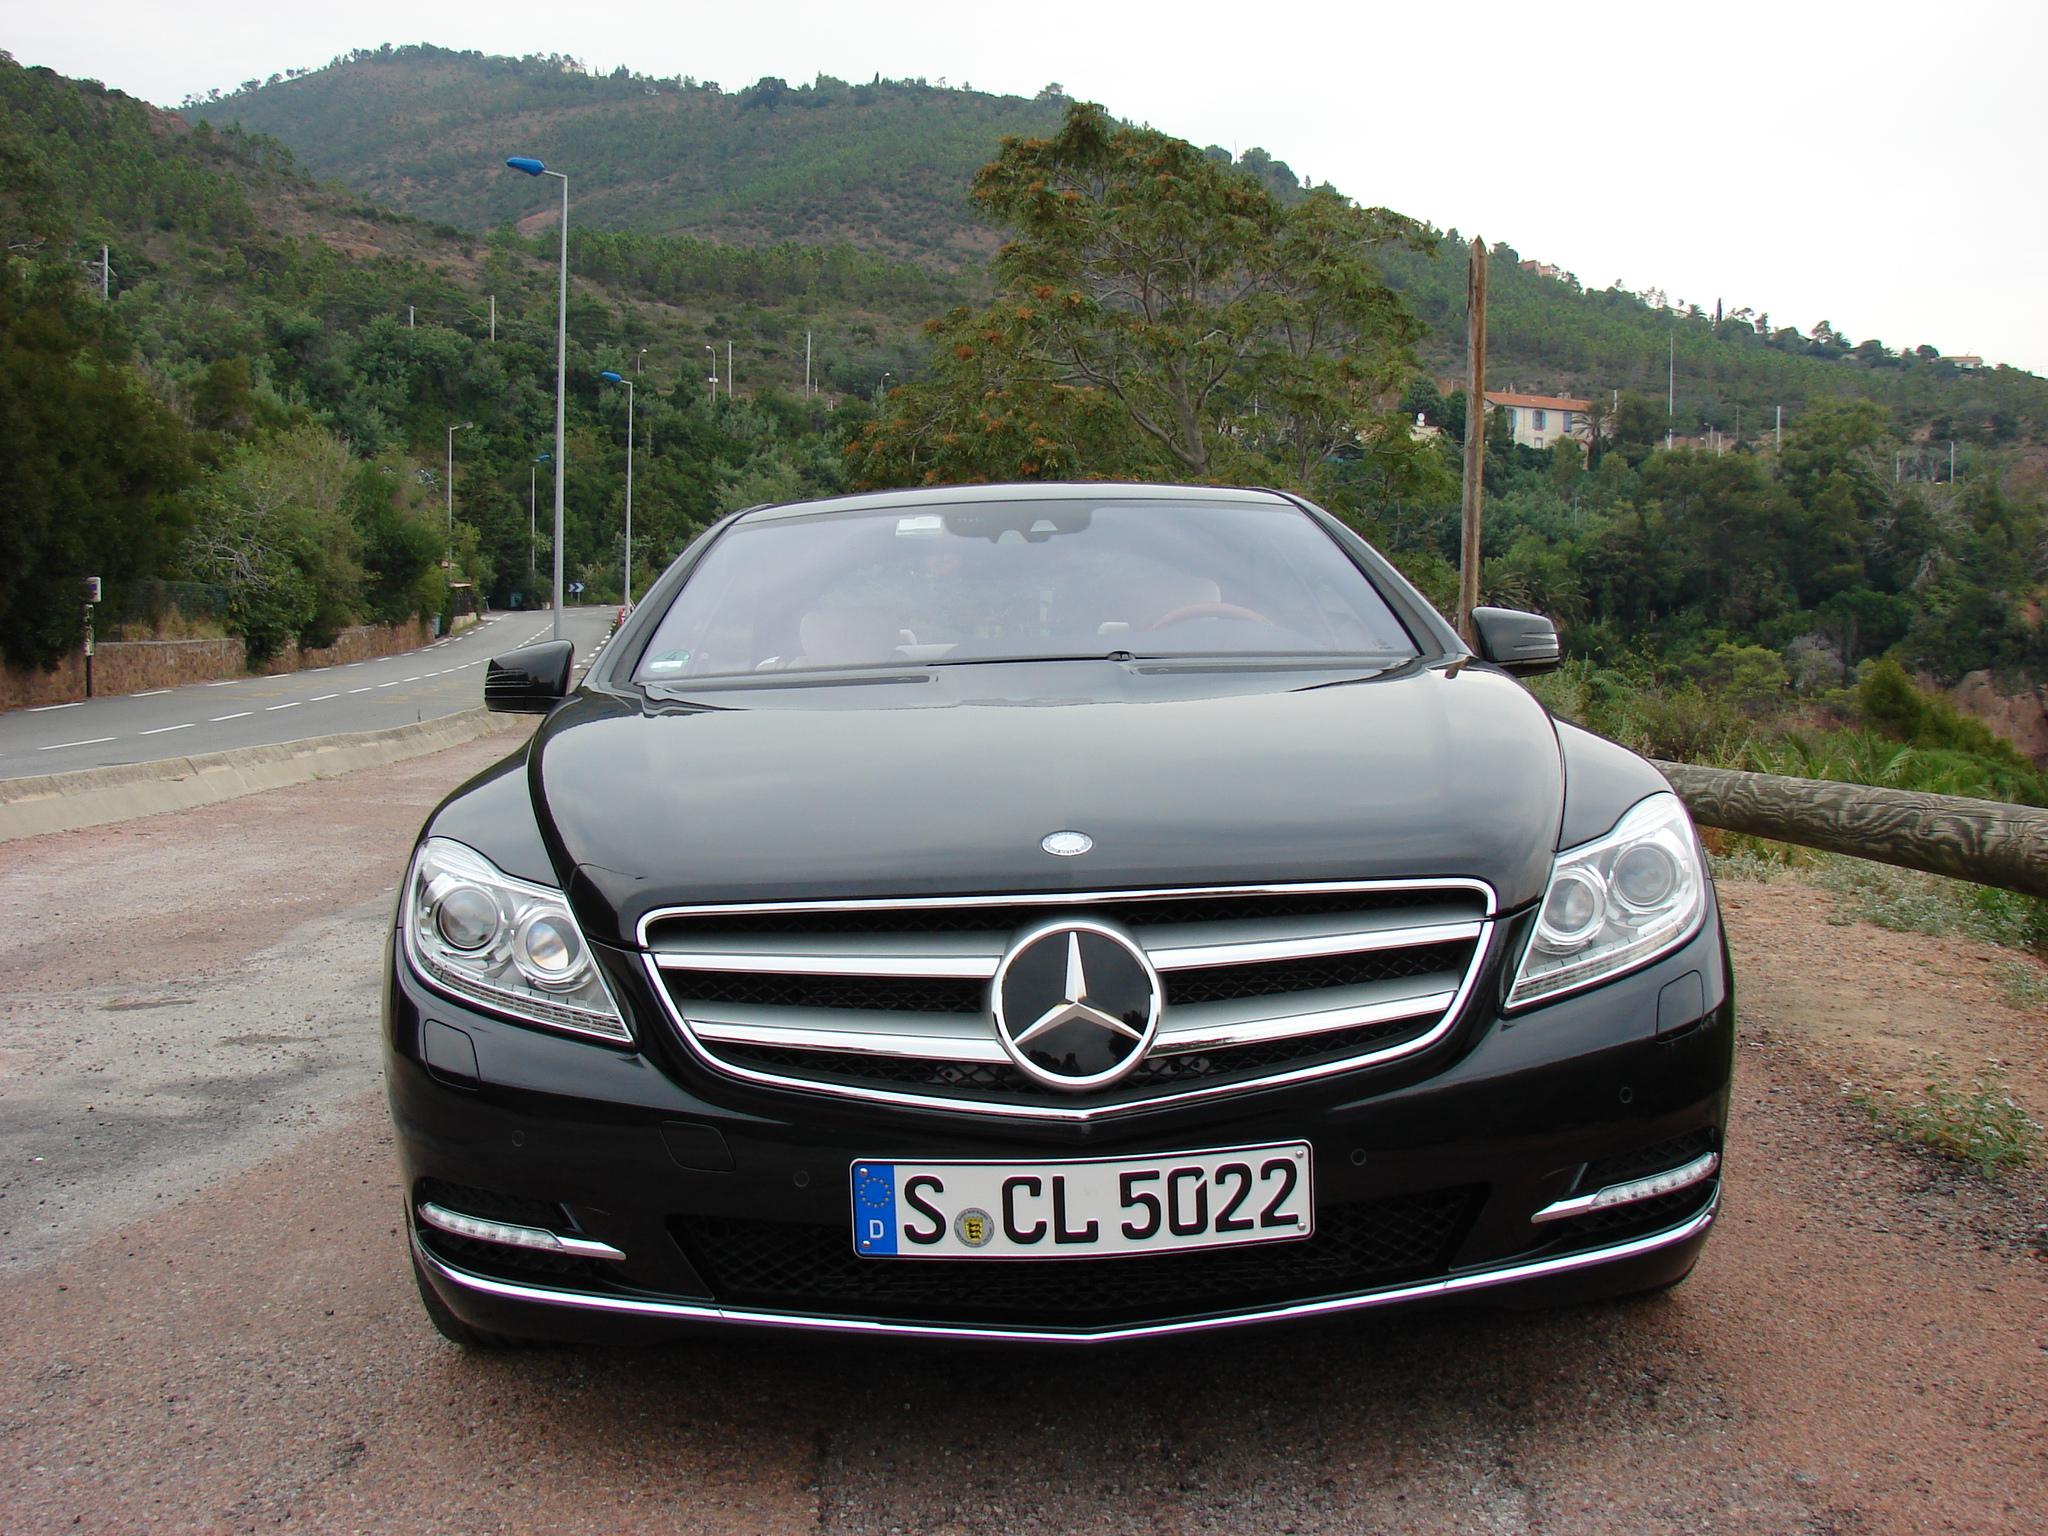 http://images.caradisiac.com/images/0/9/0/5/60905/S0-Essai-Mercedes-CL-restyle-un-athletique-pachyderme-193693.jpg